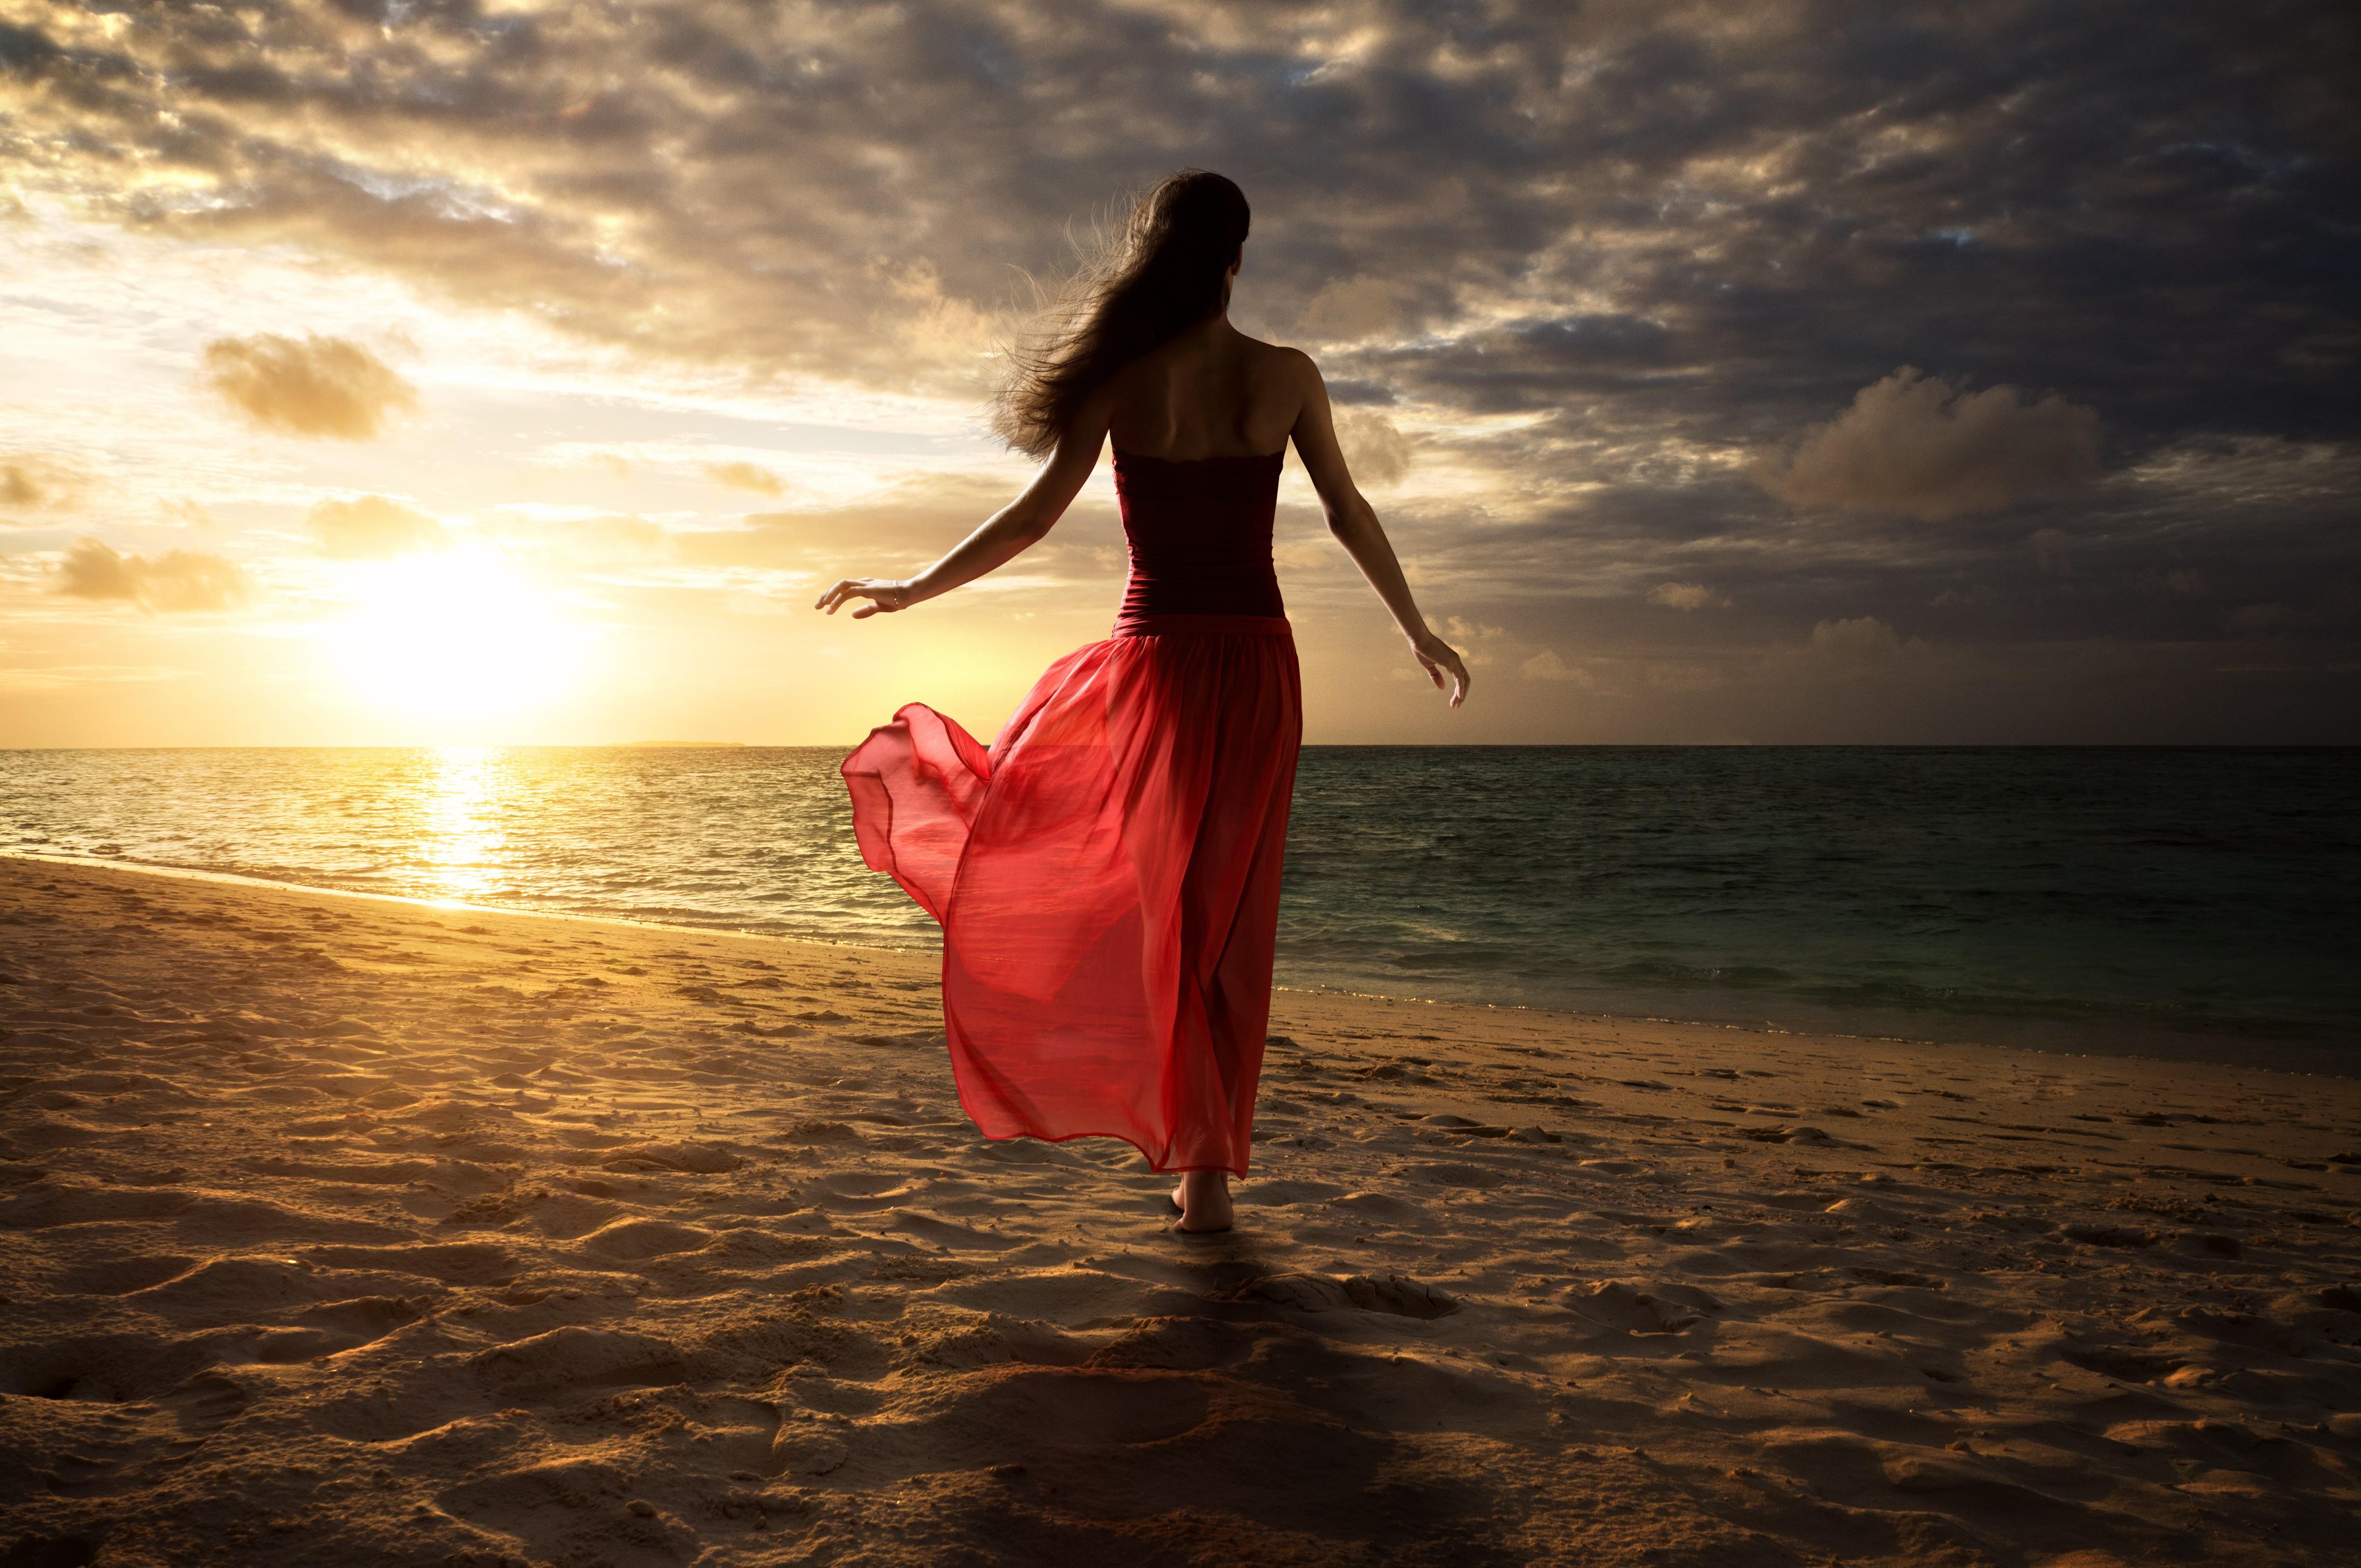 фото женщин на берегу моря загрузить 12